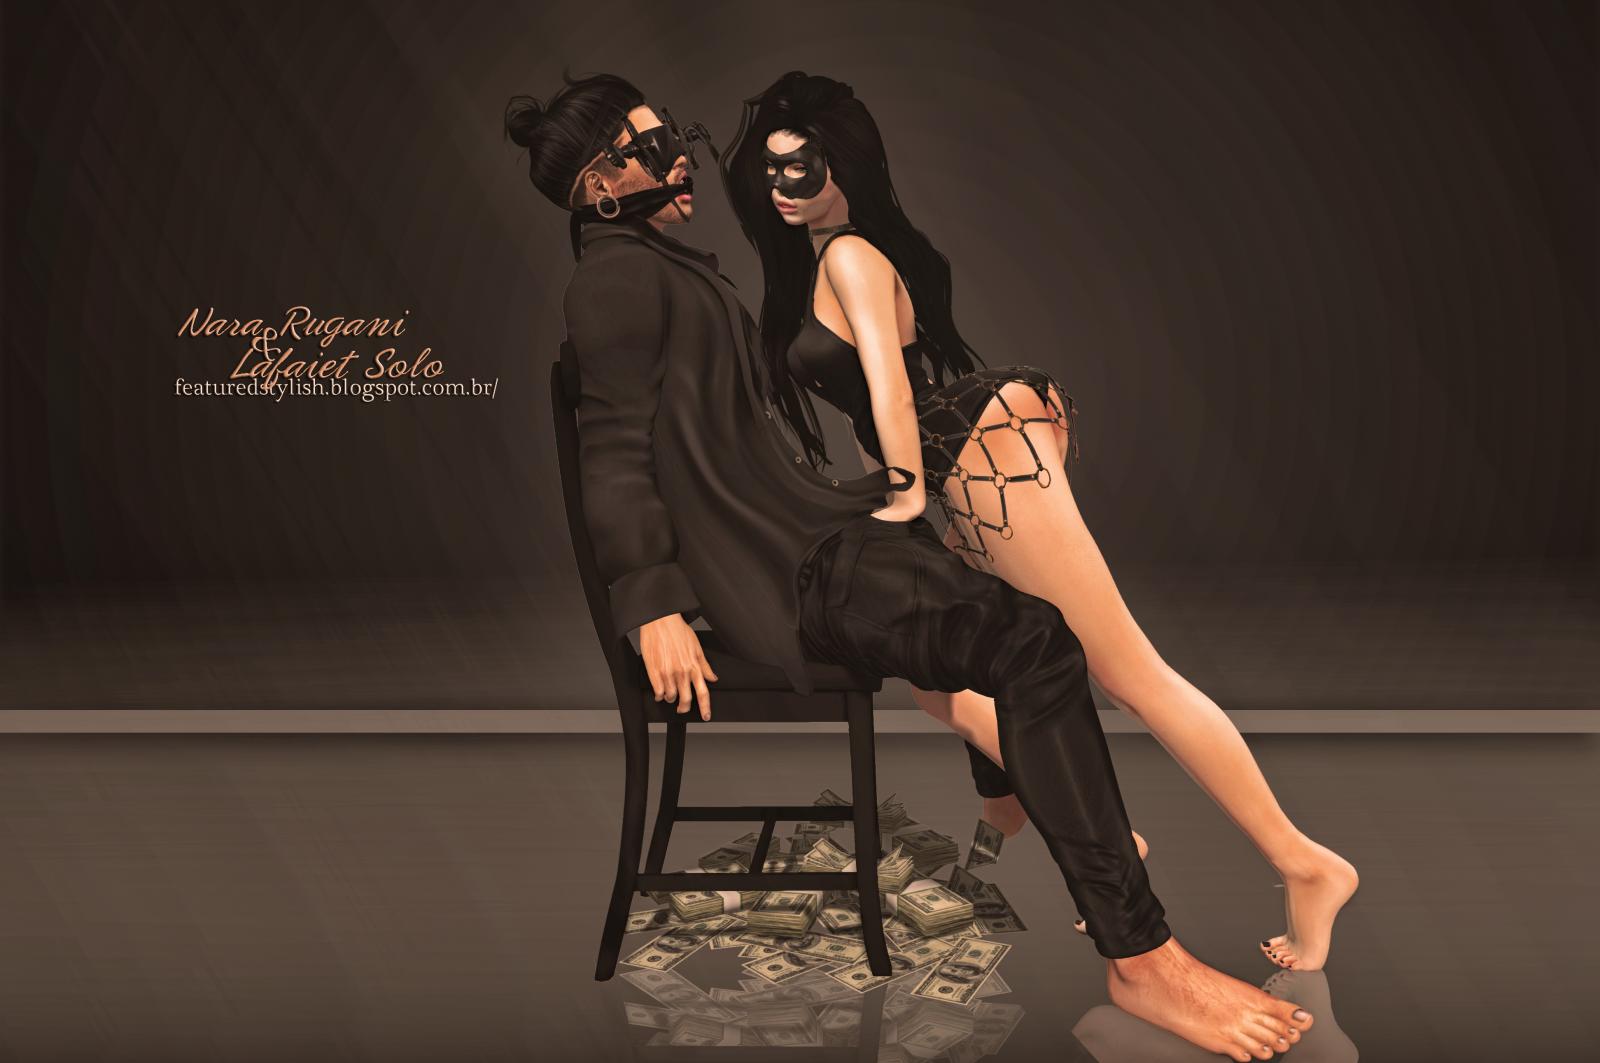 Sexy Couple Poses